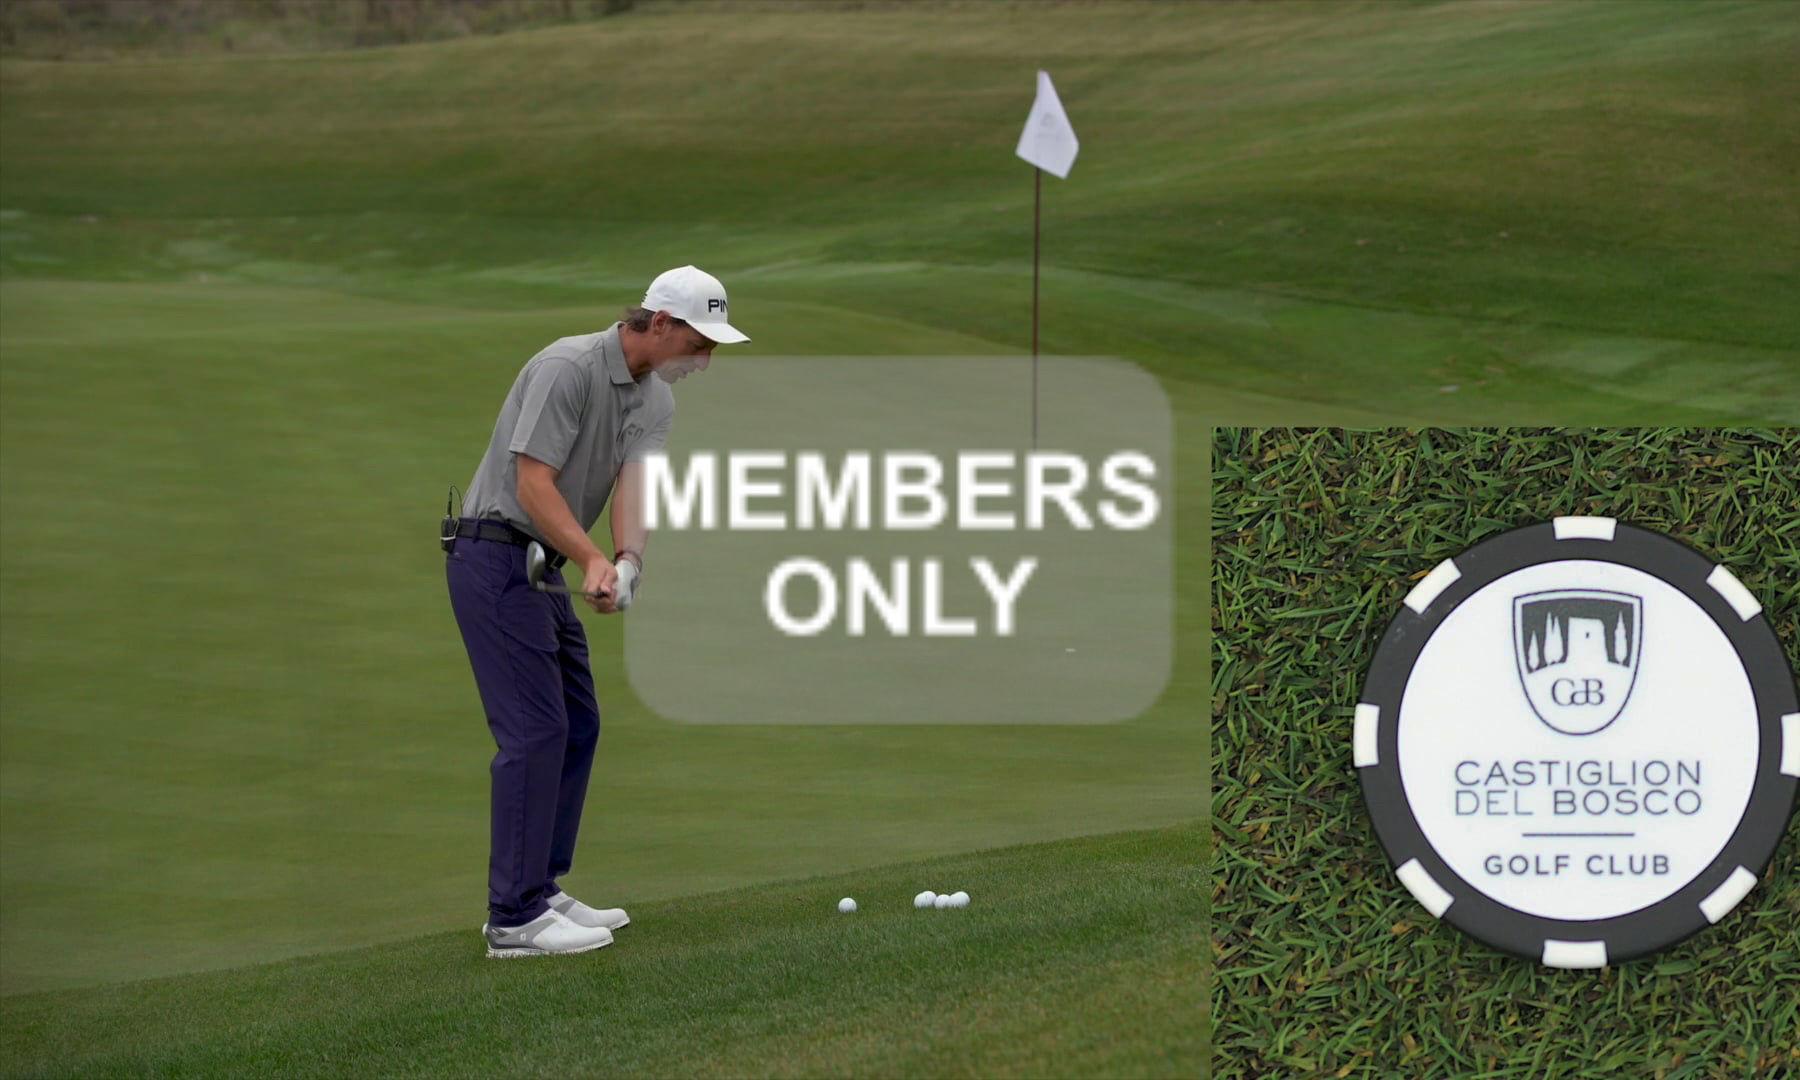 Golf Training im Golf lernen Videoportal – Annäherung – Hit the Spot